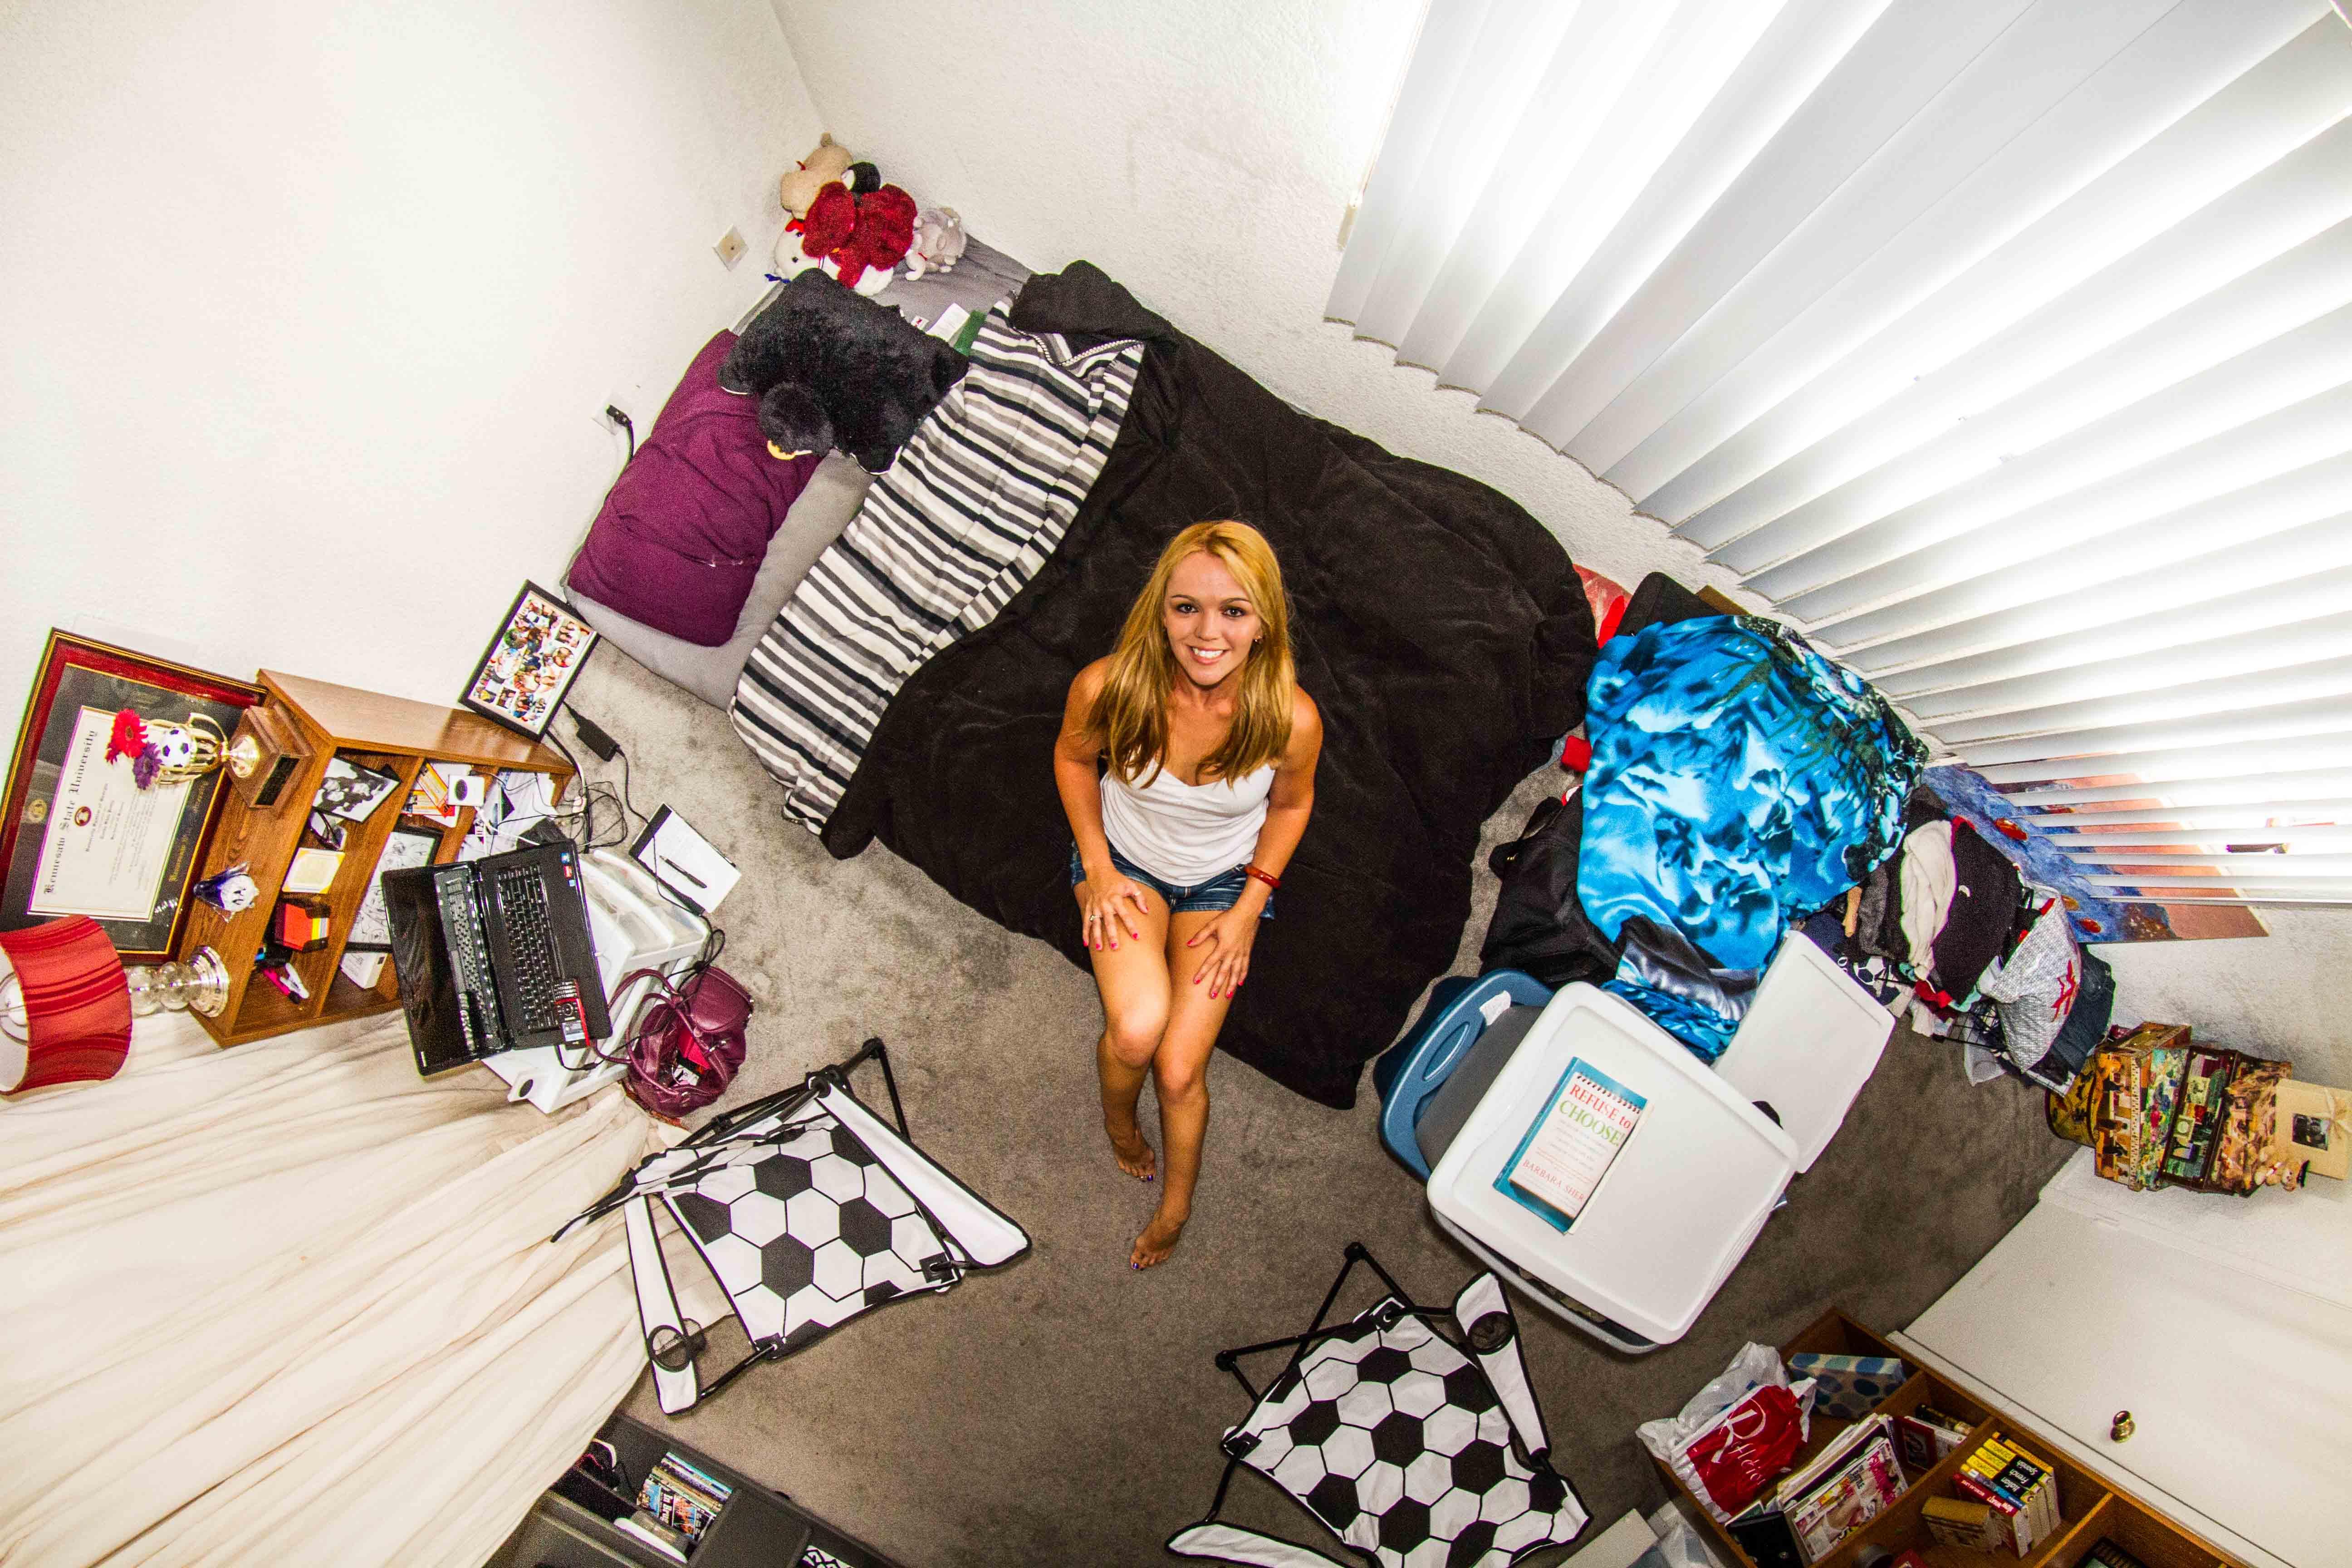 243. szoba, Tosha, 26 éves gogótáncosnő, Los Angeles, Egyesült Államok